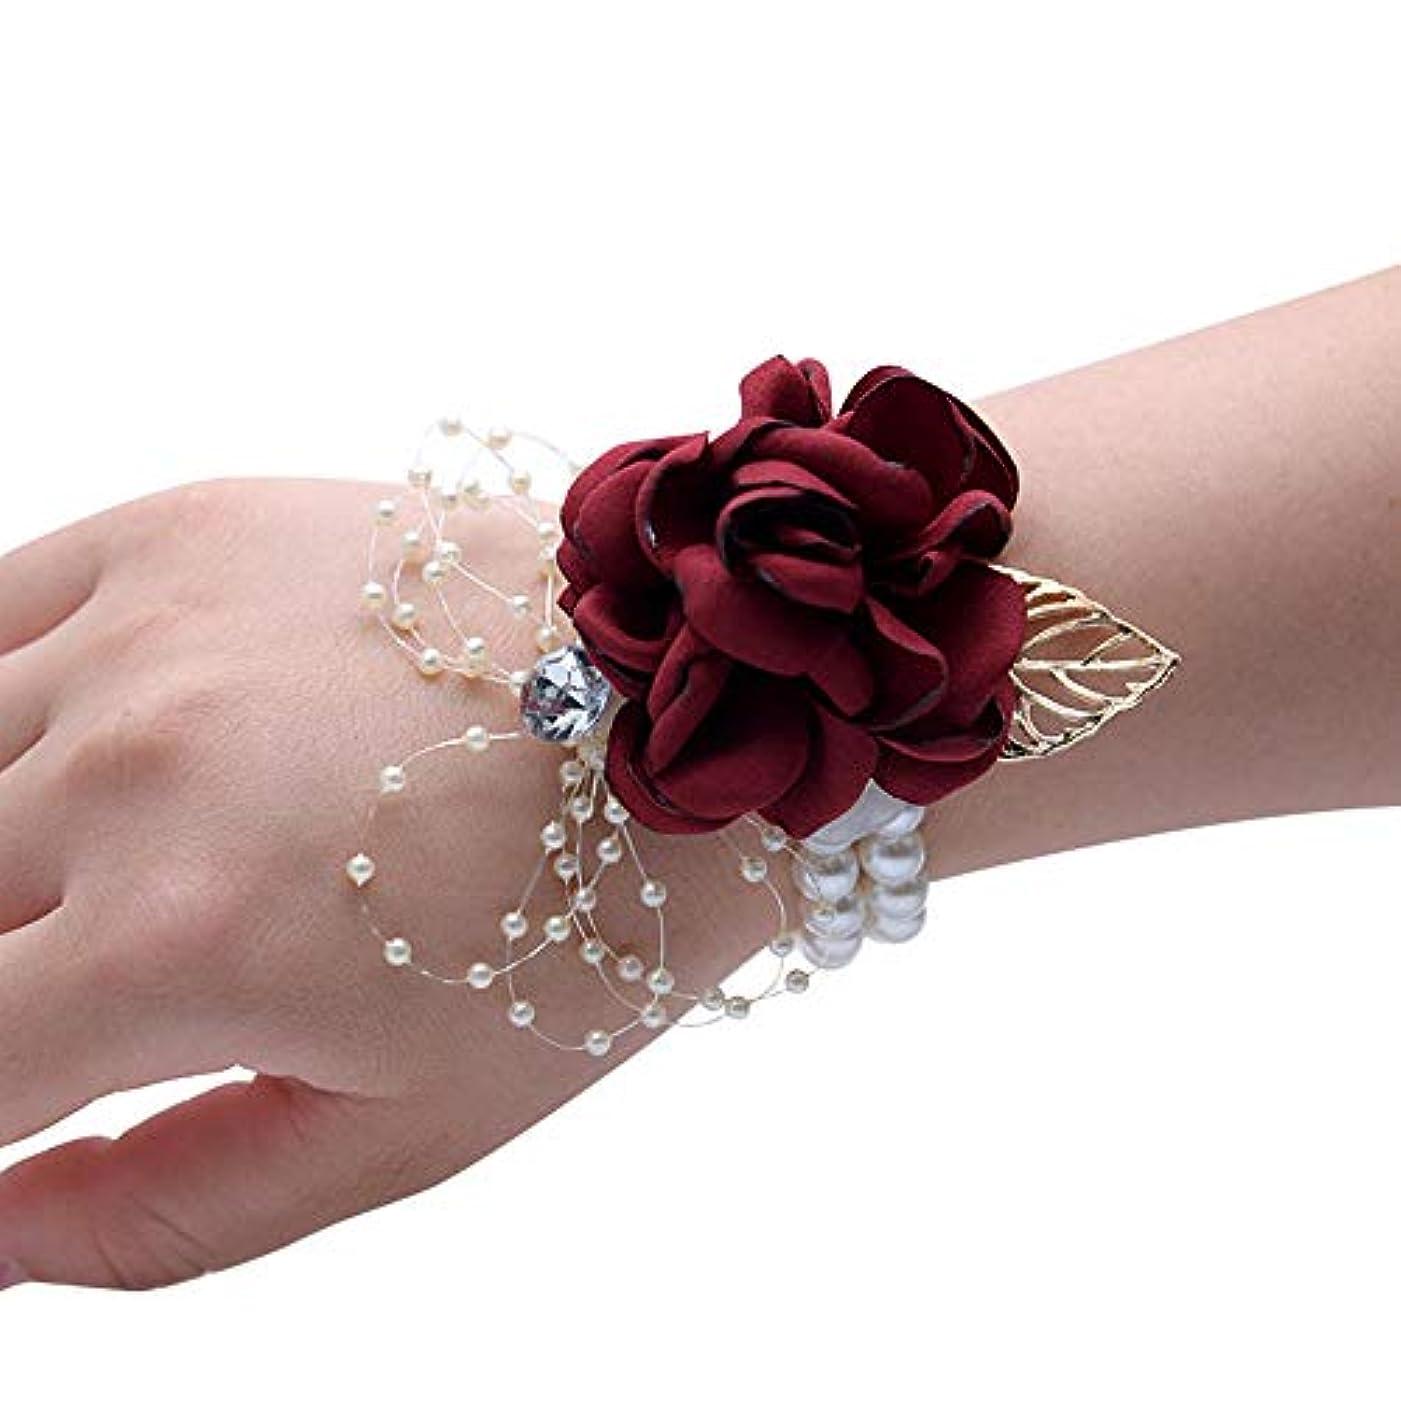 郵便屋さん崖インデックスMerssavo 手首の花 - 女の子チャーム手首コサージュブレスレット花嫁介添人姉妹の手の花のどの真珠の結婚式、ワインレッド